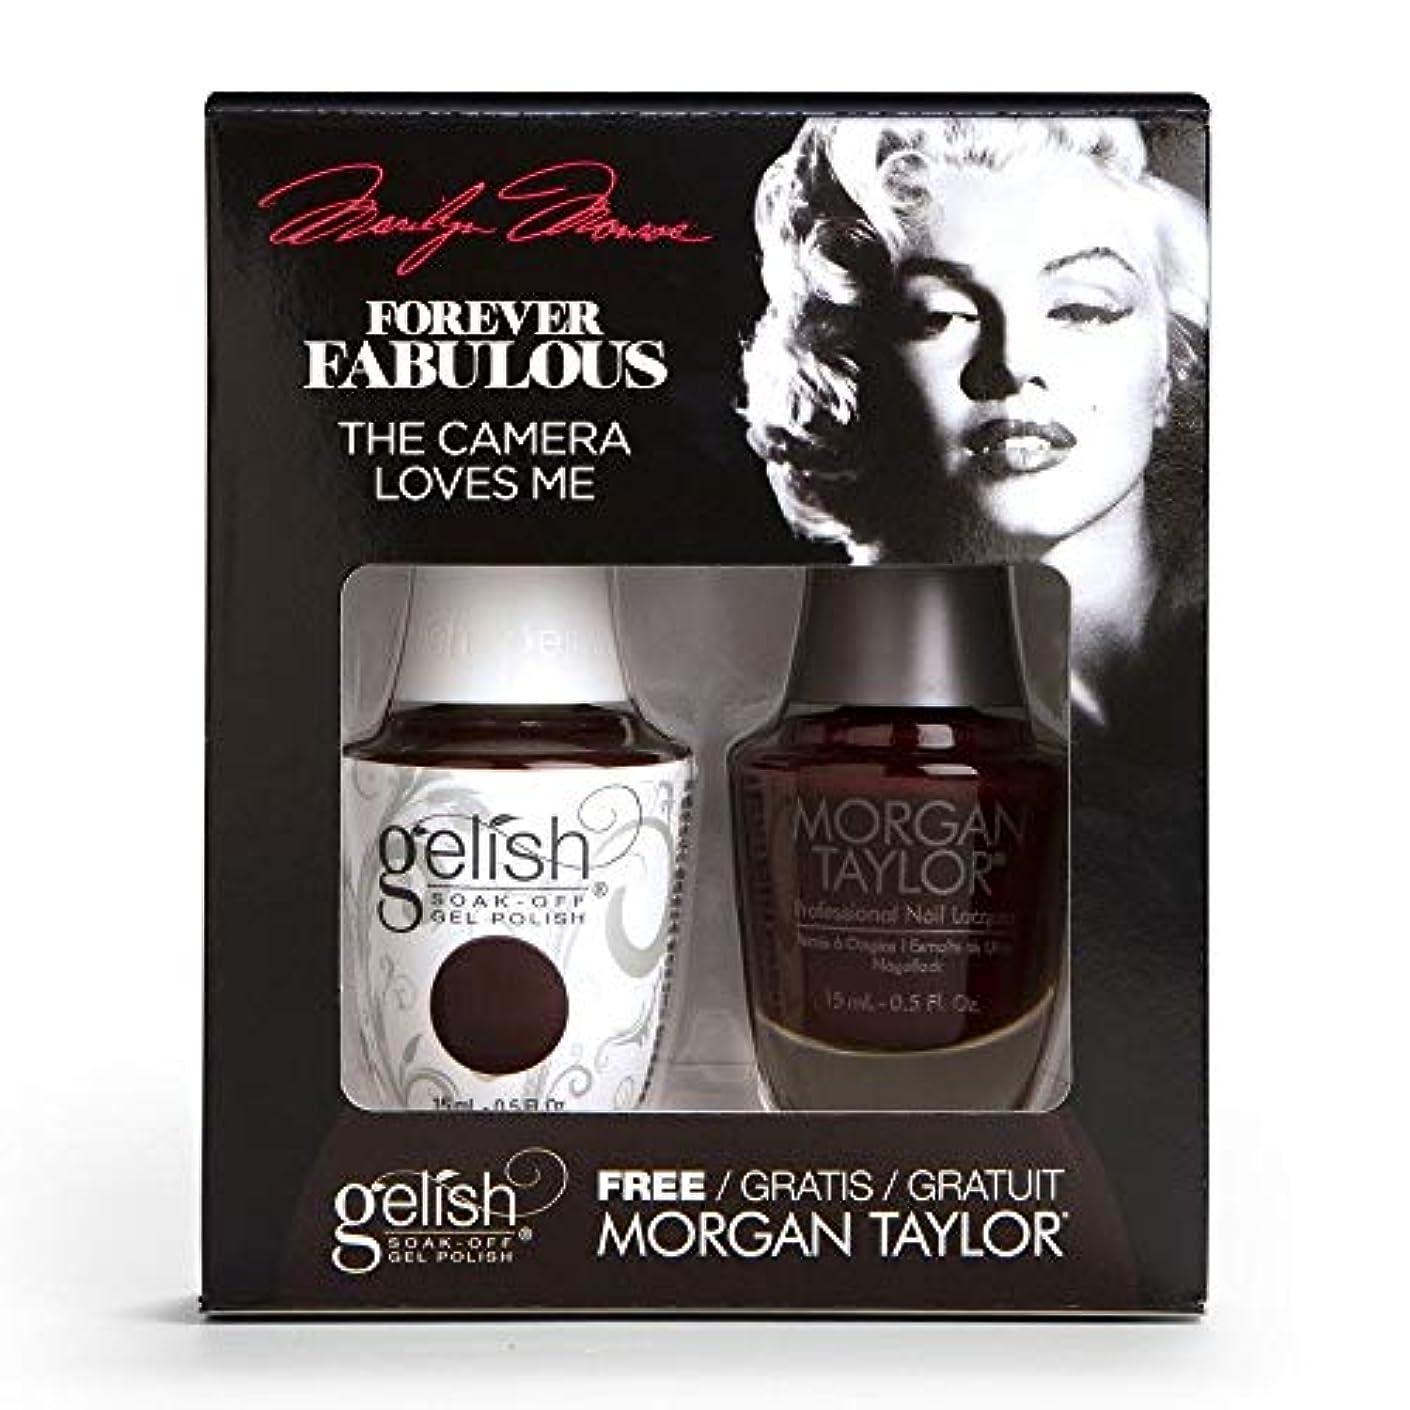 ライター意識的コイルHarmony Gelish & Morgan Taylor - Two Of A Kind - Forever Fabulous Marilyn Monroe - The Camera Loves Me 15 mL /...